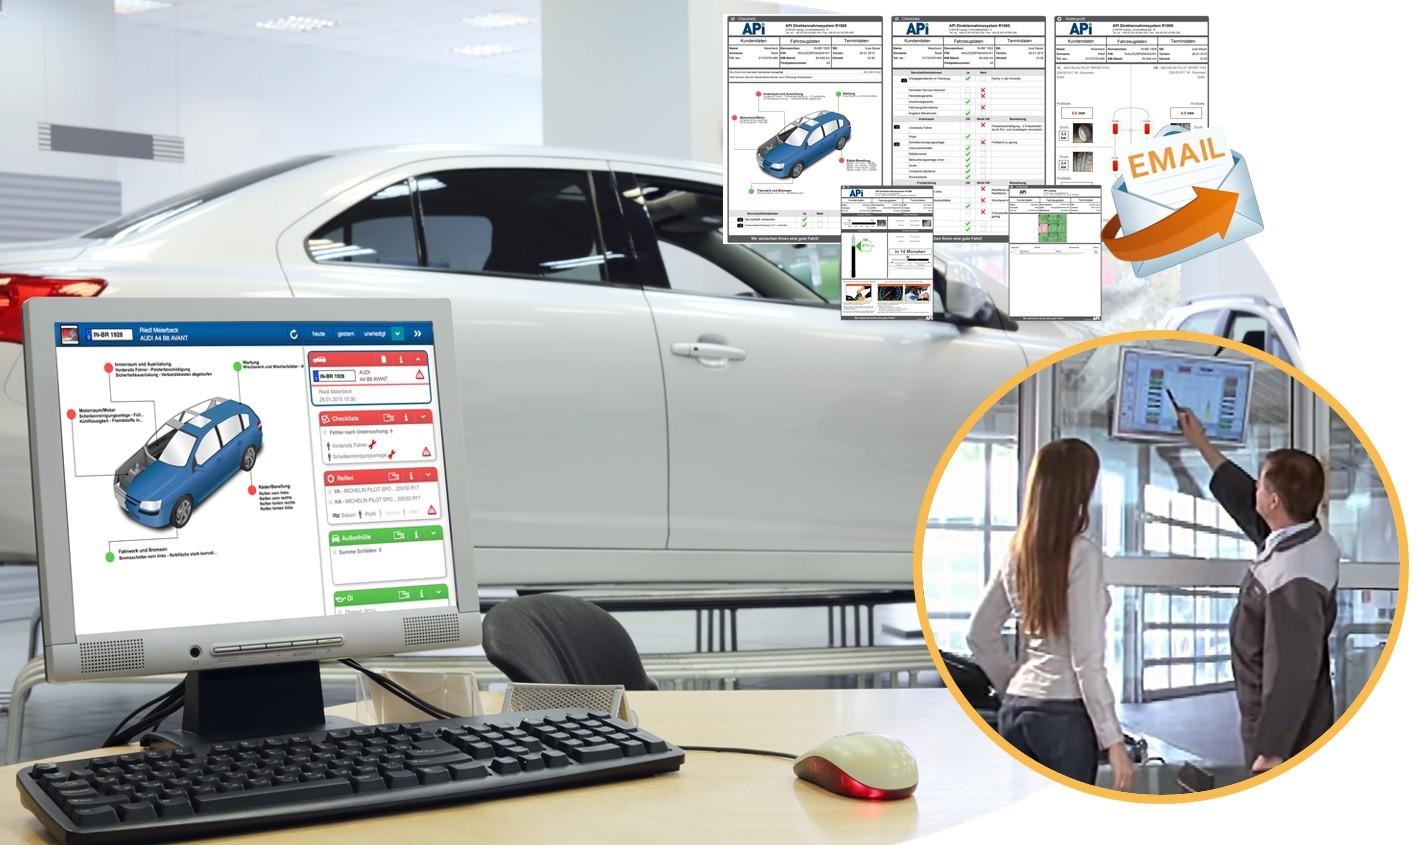 Der Roboter für die berührungslose Fahrwerksvermessung ist ein selbsttragendes marketinginstrument für Ihr Autohaus